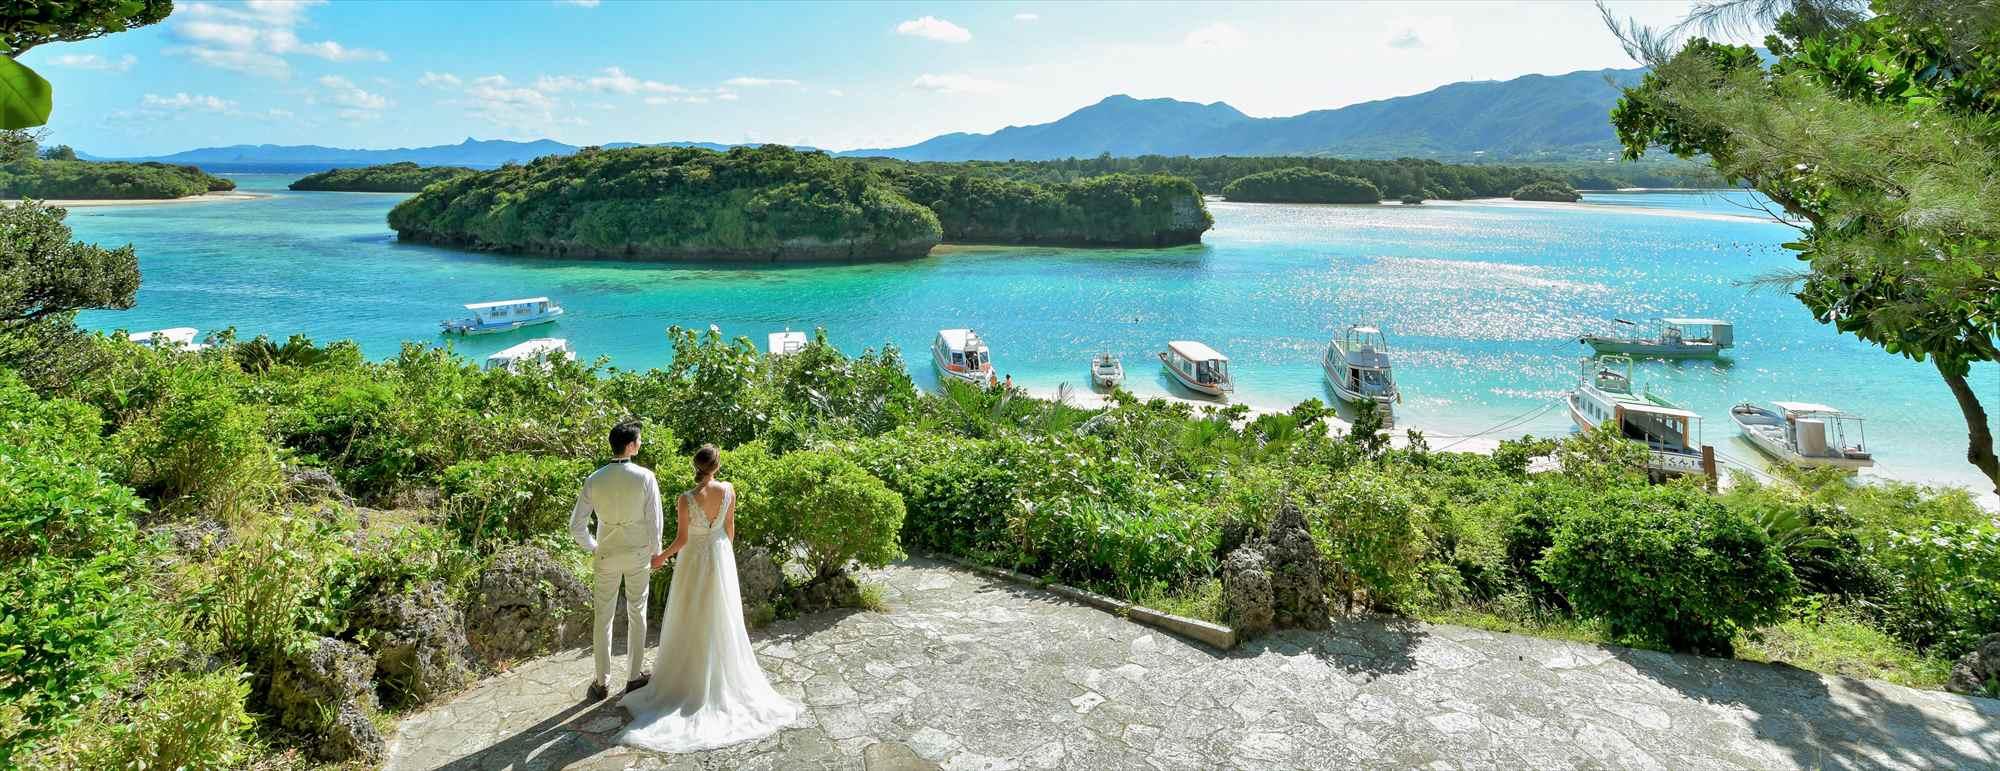 石垣島・大草原 沖縄石垣島フォト・ウェディング Ishigaki Island Okinawa Kabira-Bay Photo Wedding 石垣島・川平湾